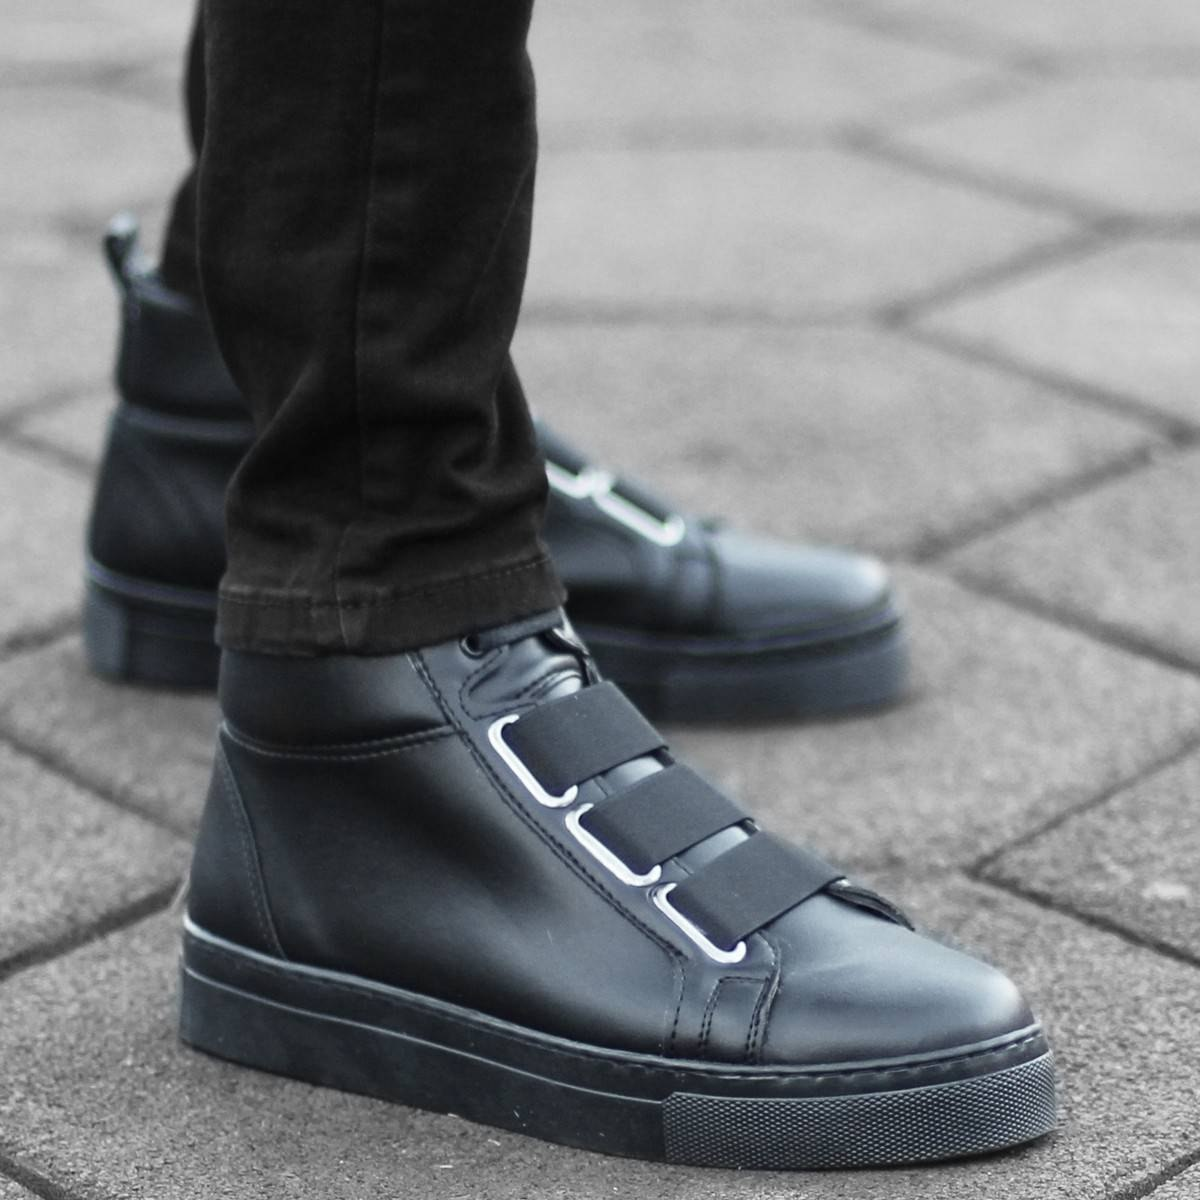 Herren Boots Stiefel Mit Bandverschluss In Schwarz Mv Premium Brand - 1